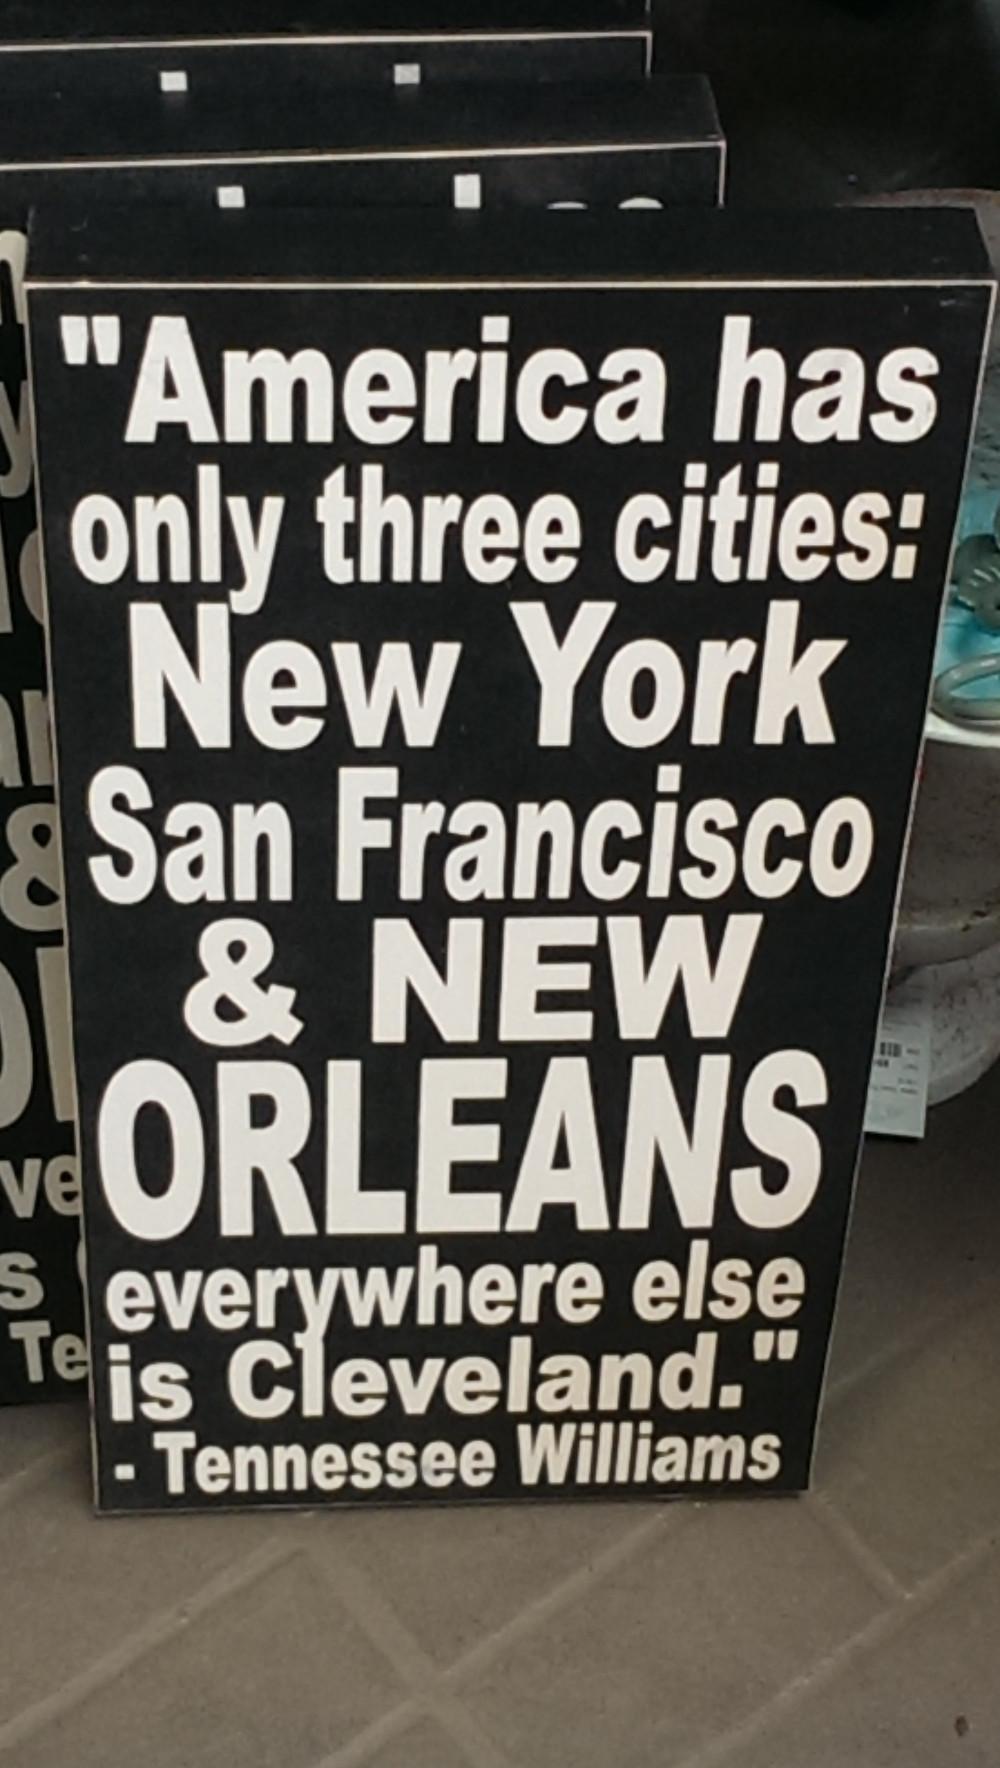 Tennessee Williams on America